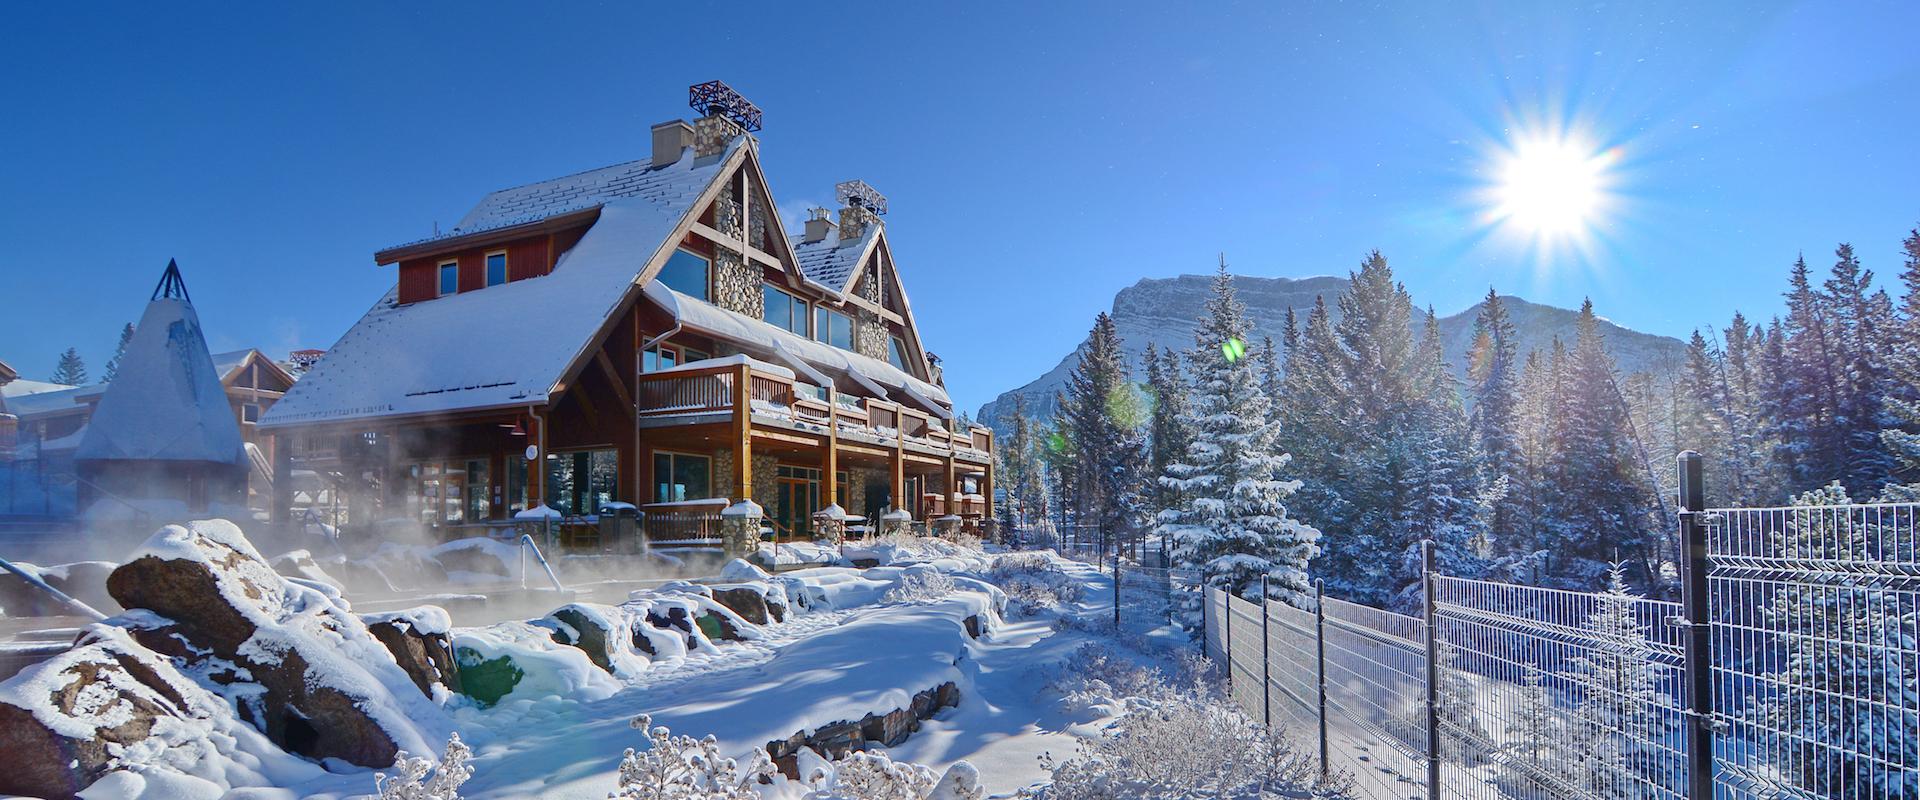 Hidden Ridge Resort Exterior in Winter in Banff, Canadian Rockies